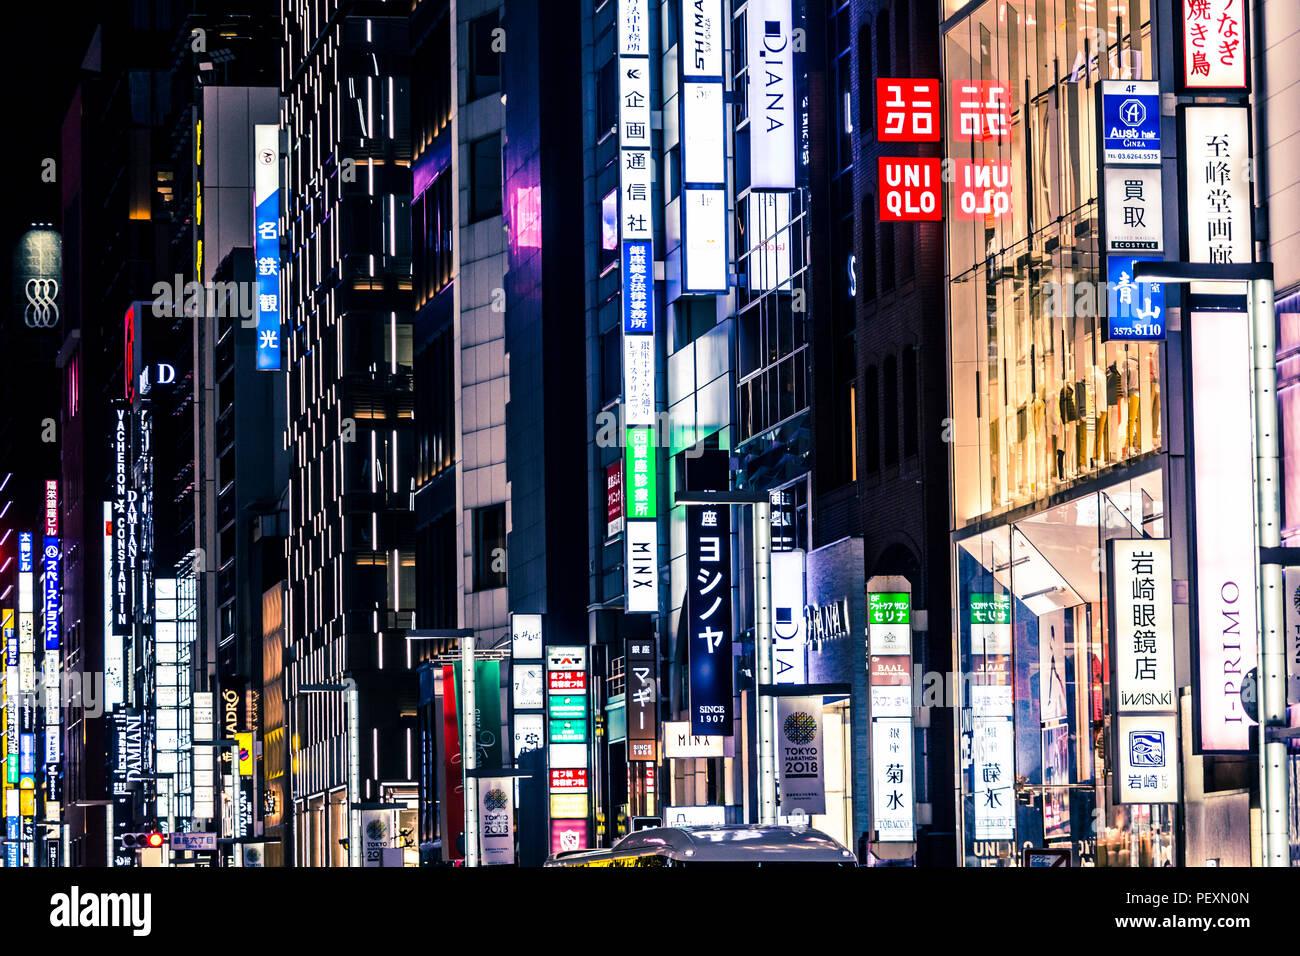 Las luces de neón en el barrio de Ginza, Tokio, Japón Imagen De Stock